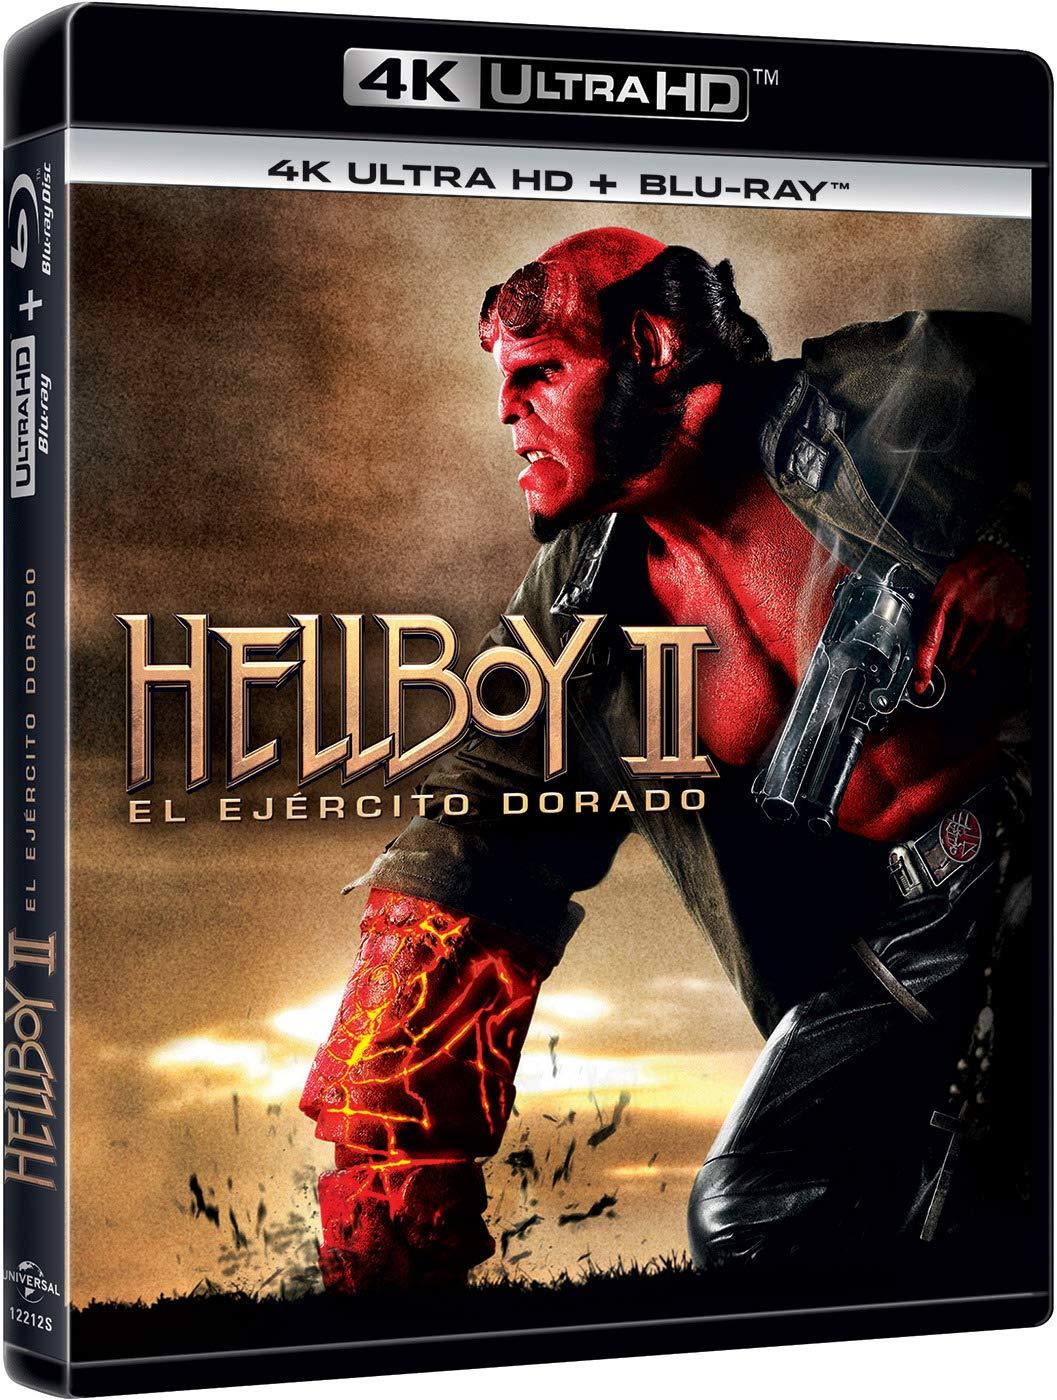 Hellboy 2: El ejercito dorado (4K UHD + BD) [Blu-ray]: Amazon ...